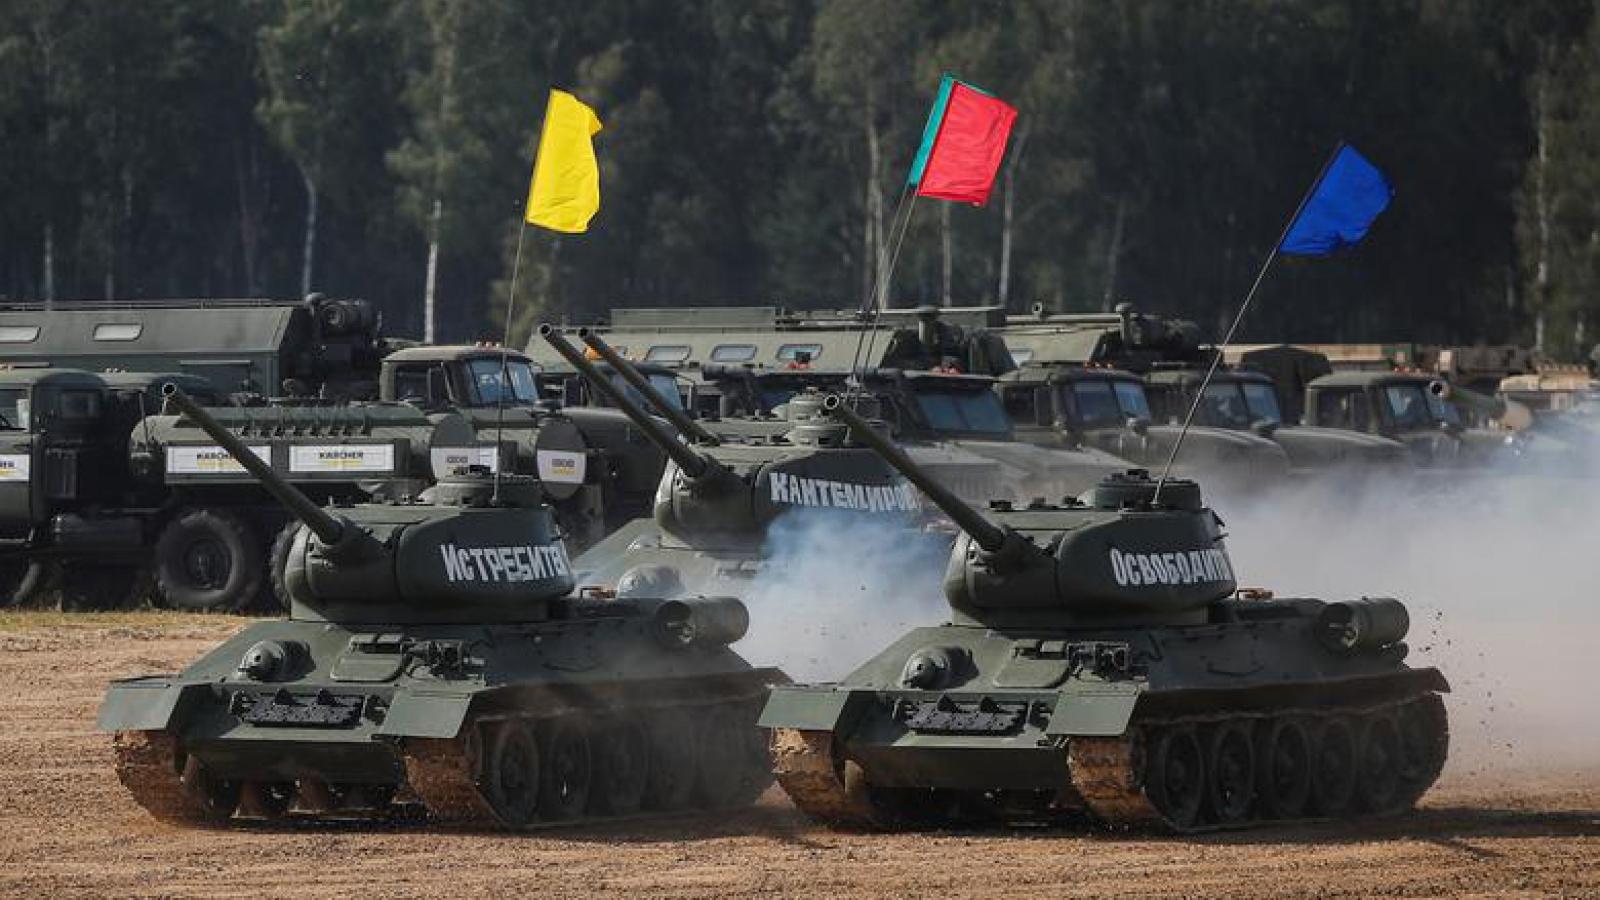 Những hình ảnh ấn tượng tại triển lãm quân sự quốc tế Army 2020